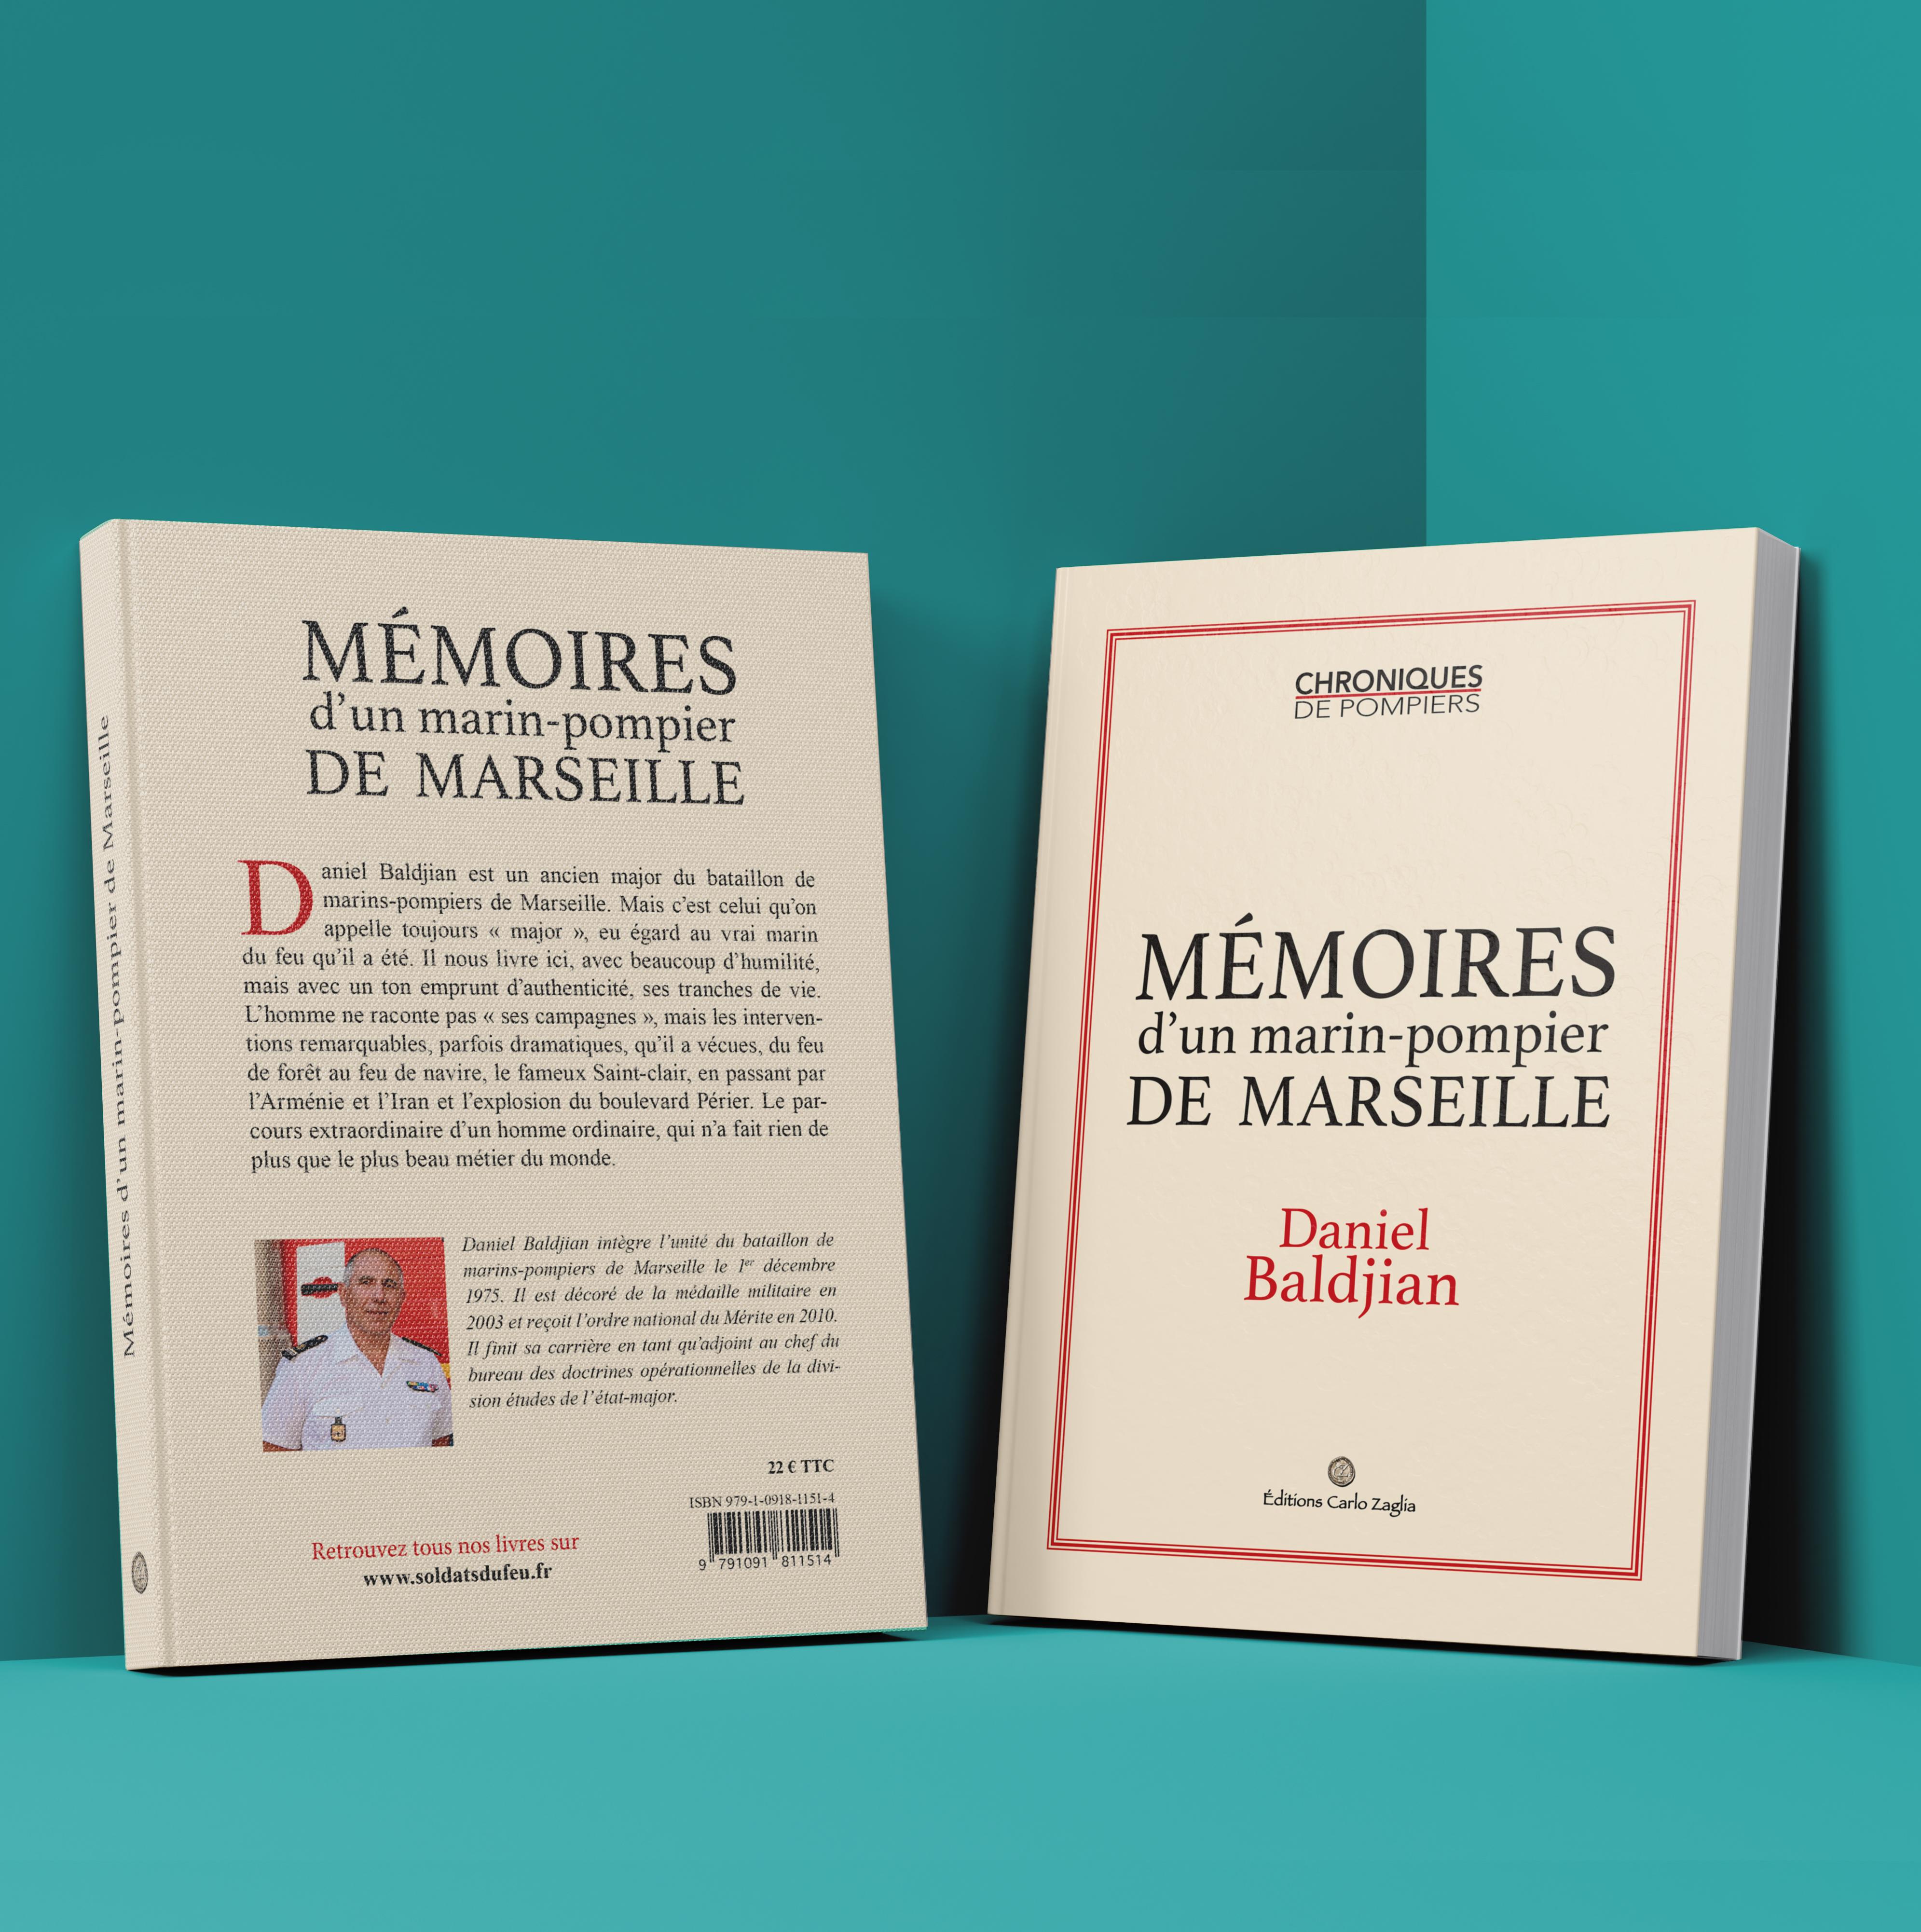 Mémoires d'un marin-pompier de Marseille